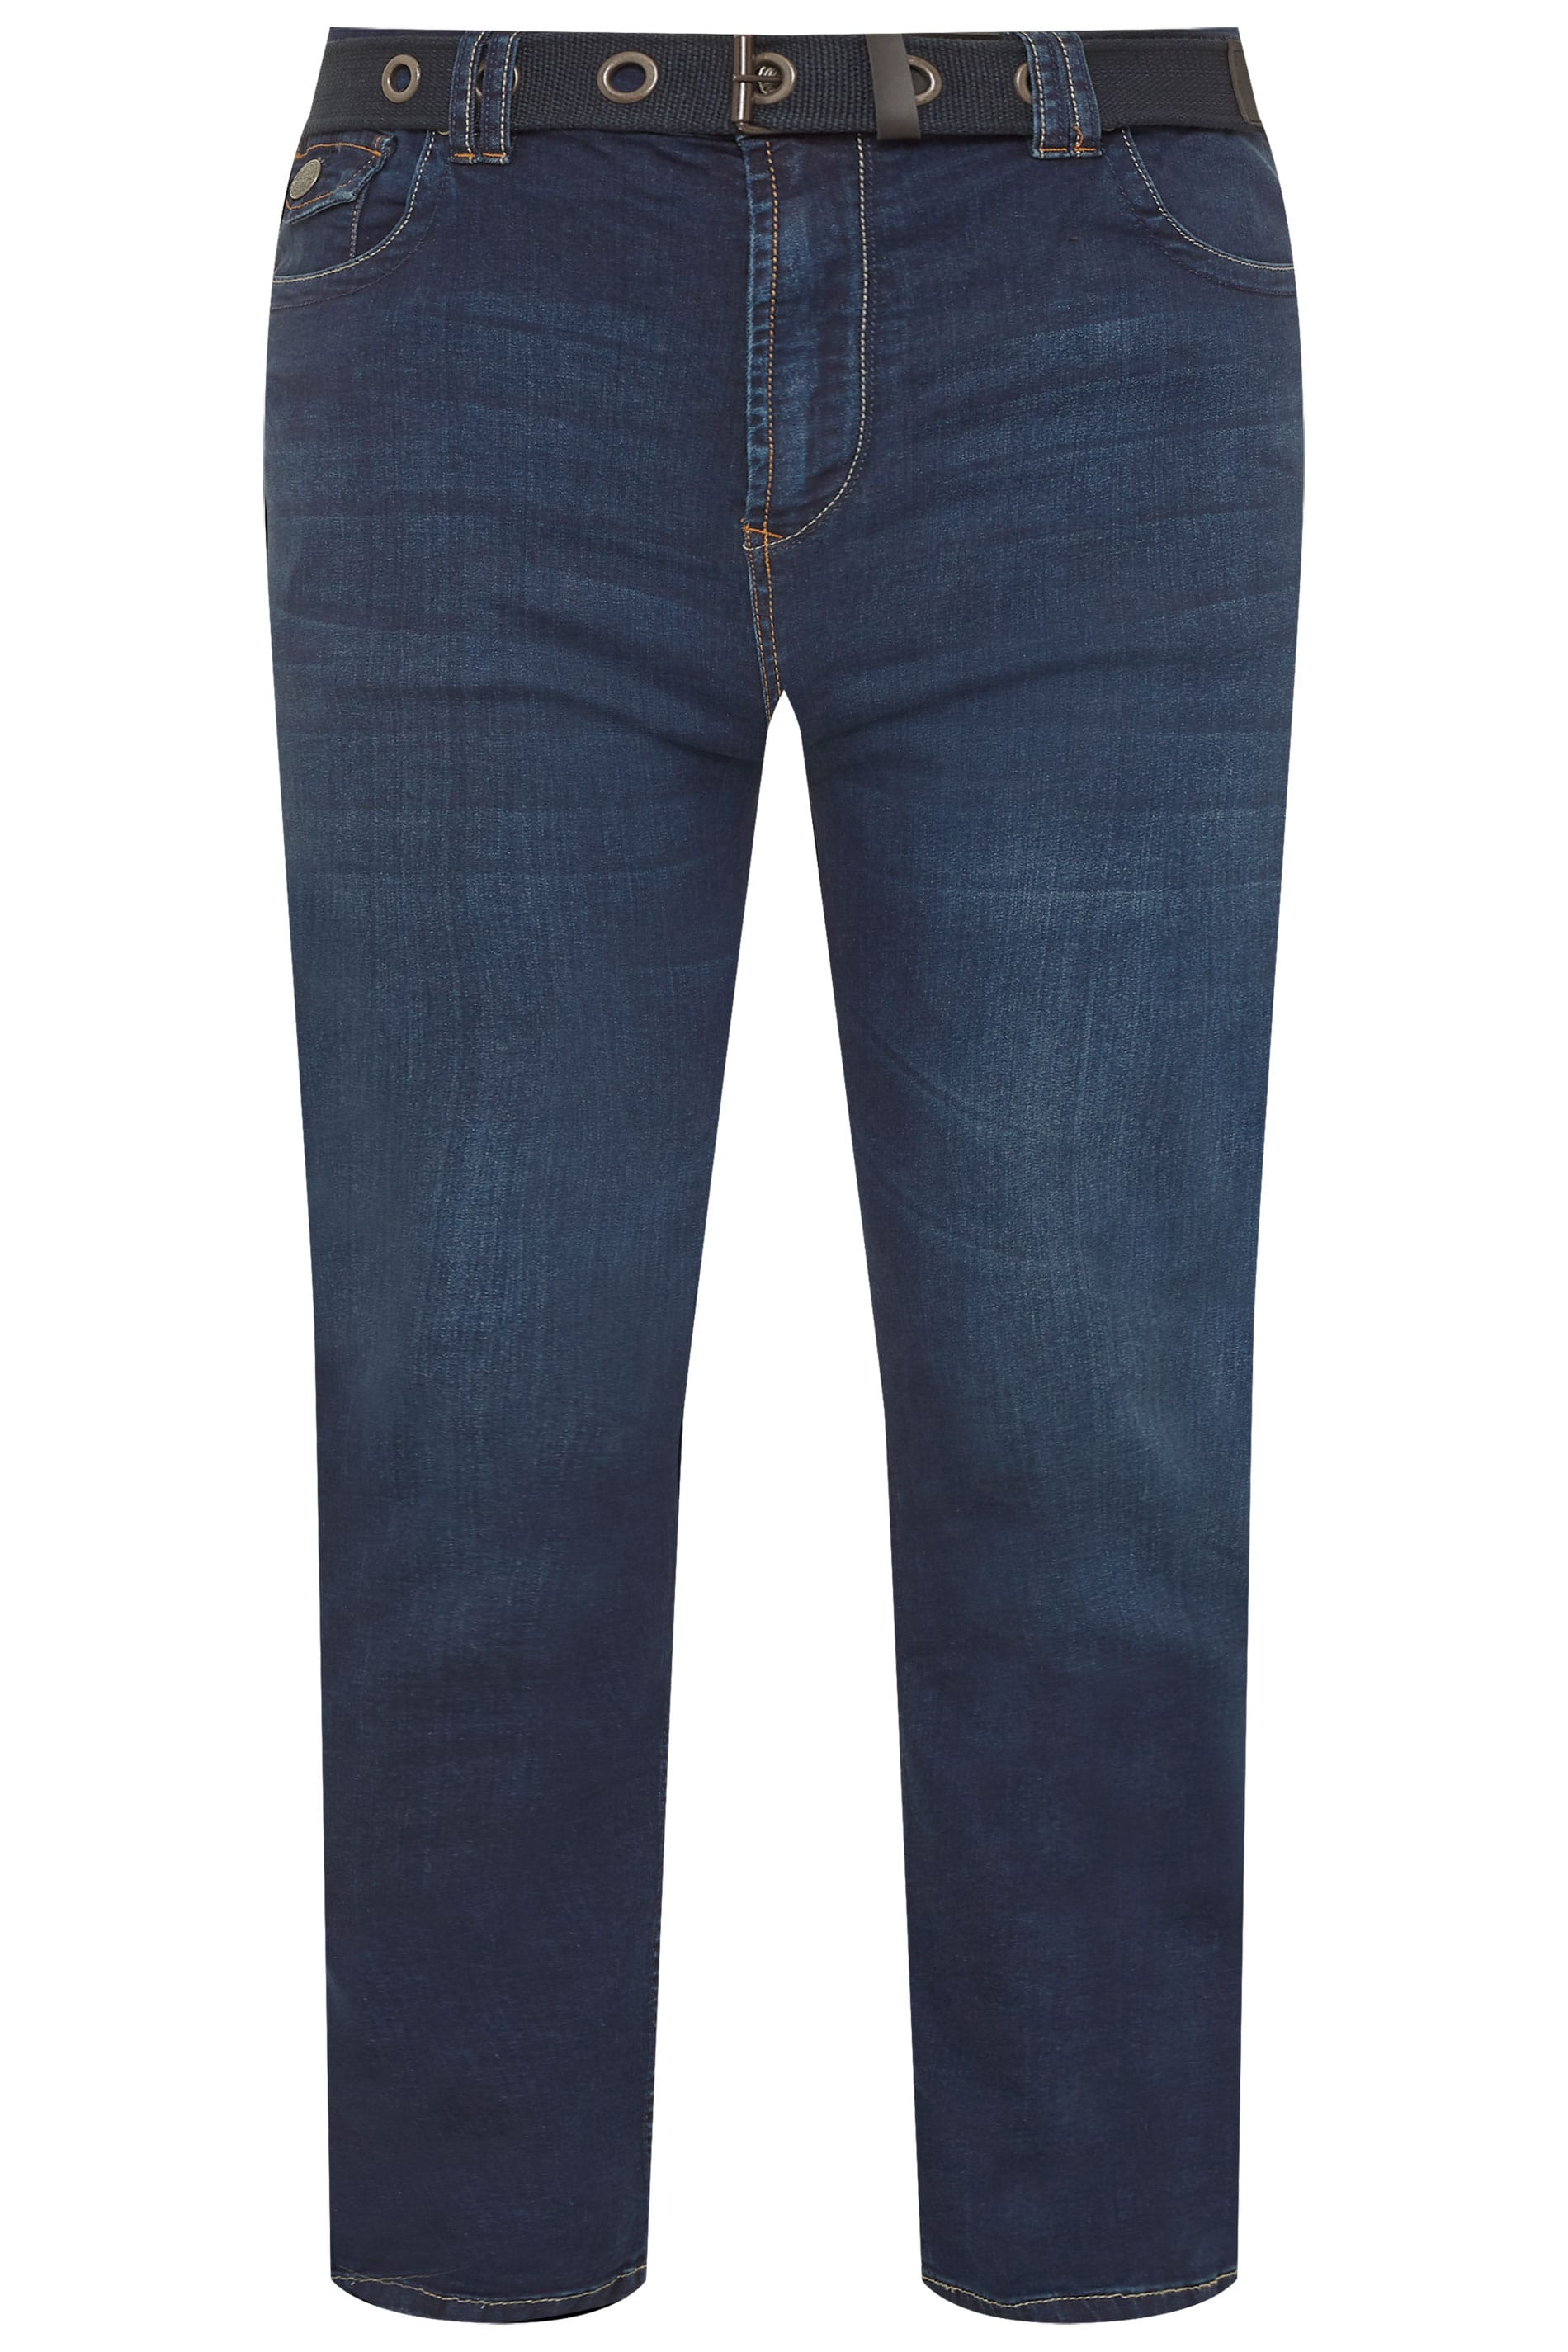 KAM Stretch-Jeans - Blau gewaschen